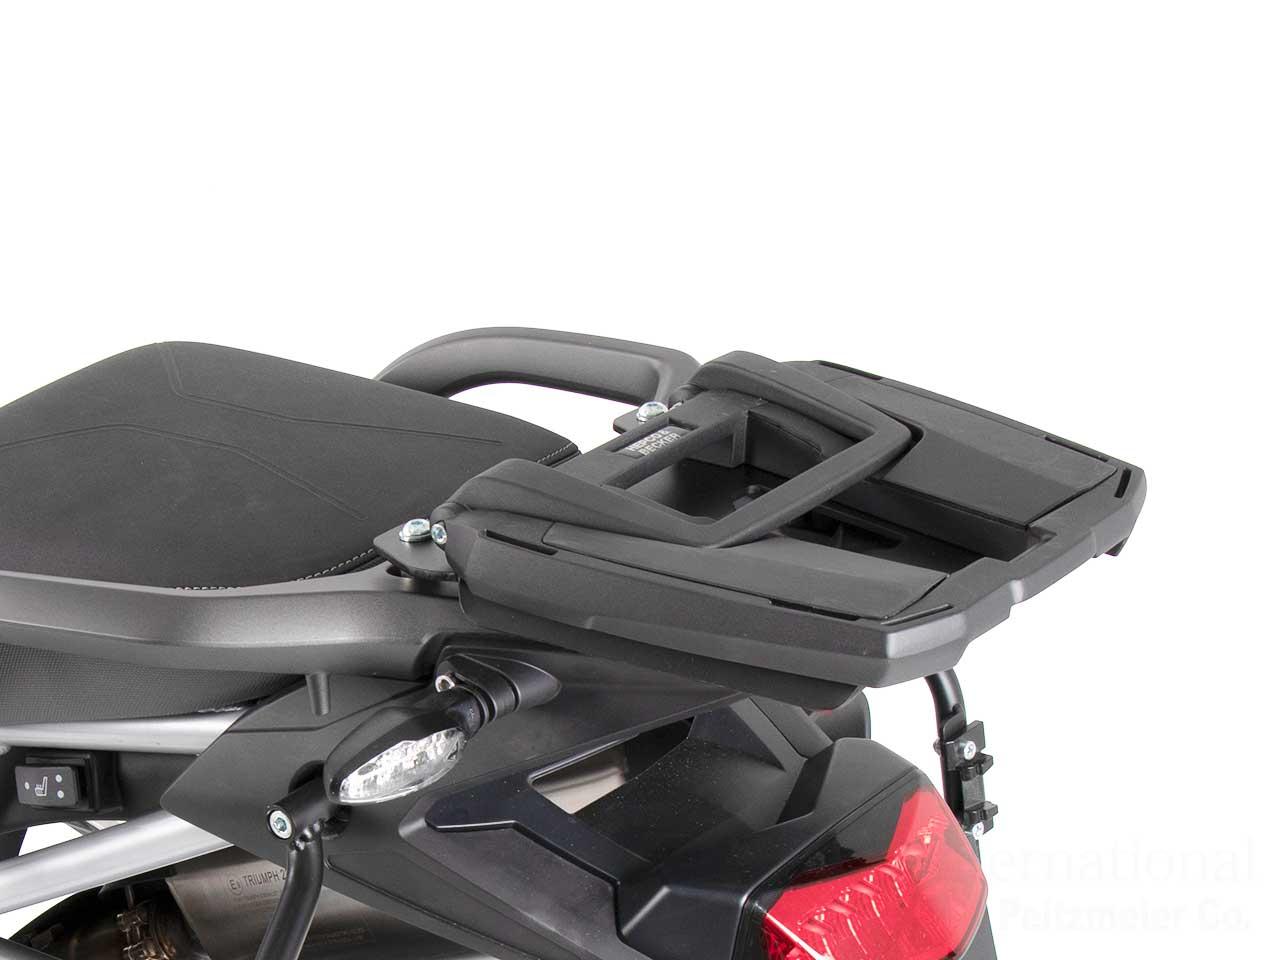 ヘプコ&ベッカー トップケースホルダー イージーラック / アルラック Tiger 900 /Rally/GT/Pro